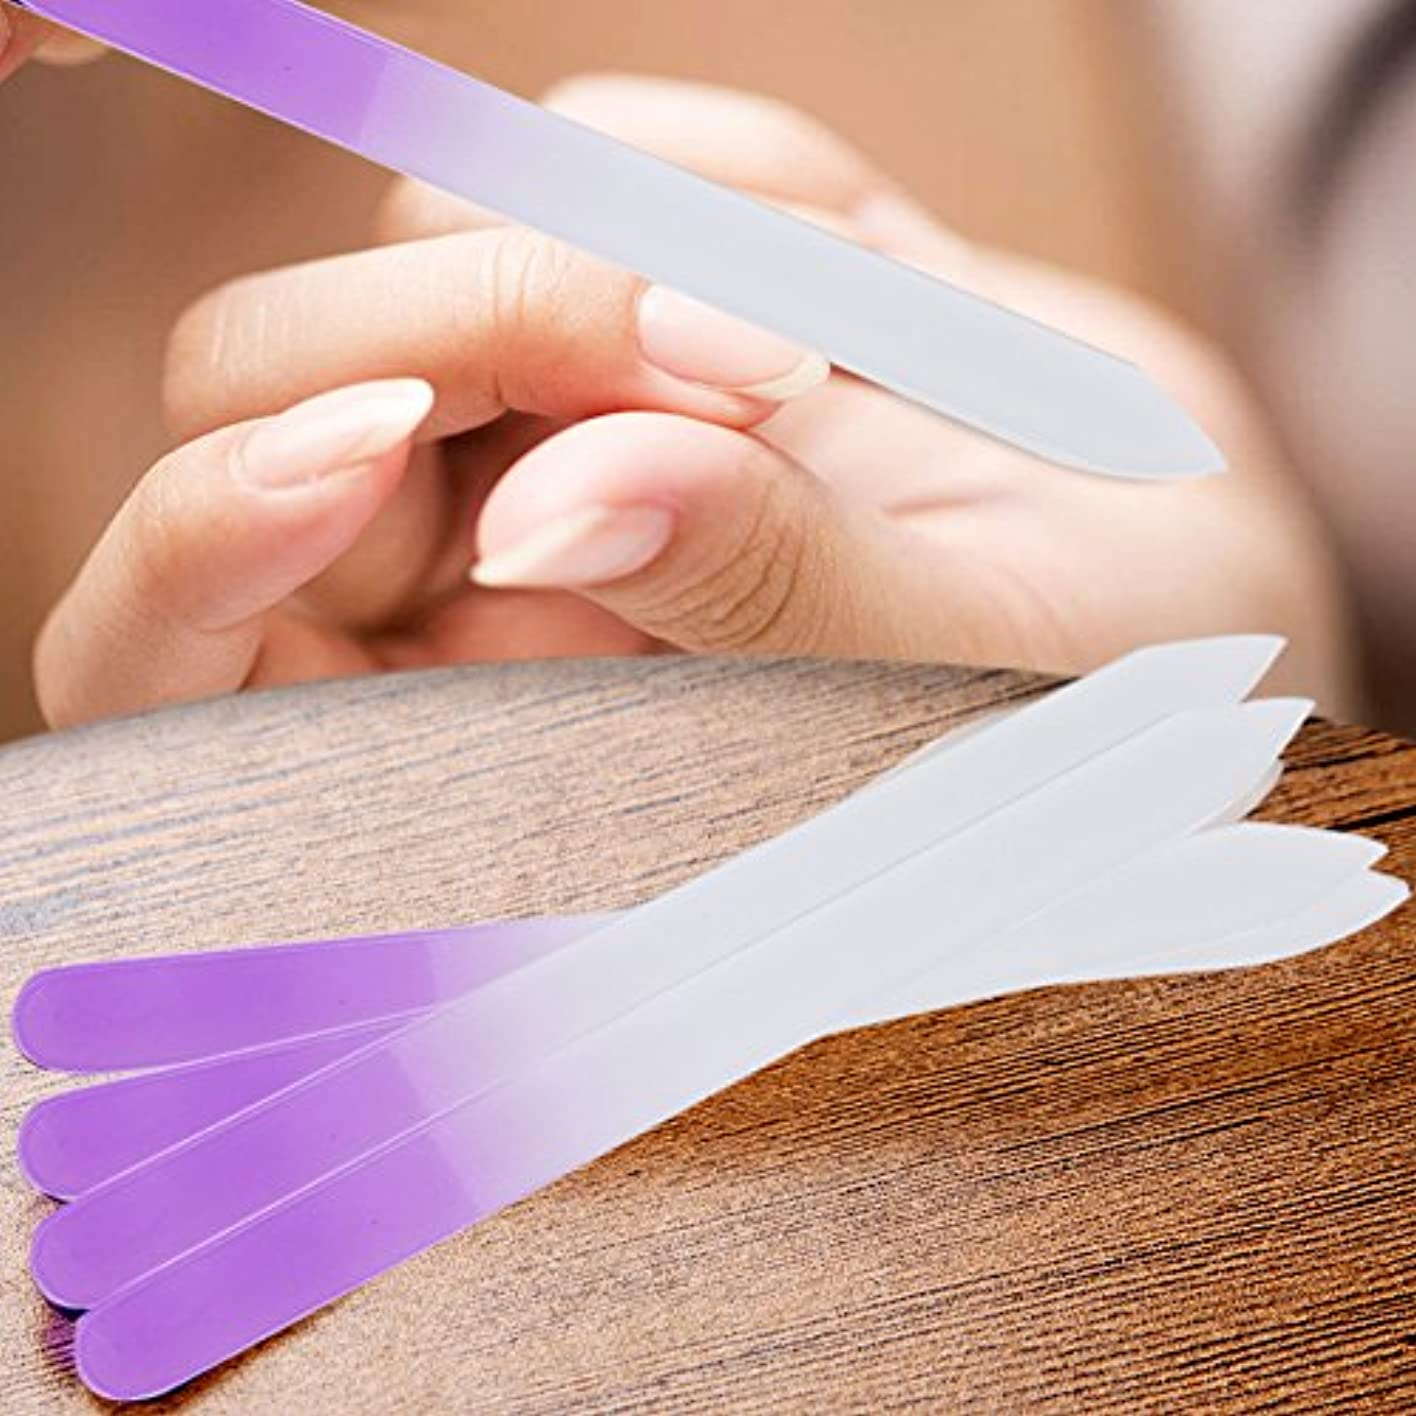 ボンド革命一過性Demiawaking 爪ヤスリ ガラスネイルファイル 両面 爪やすり 爪磨き ネイルケア マニキュアファイル 4個組